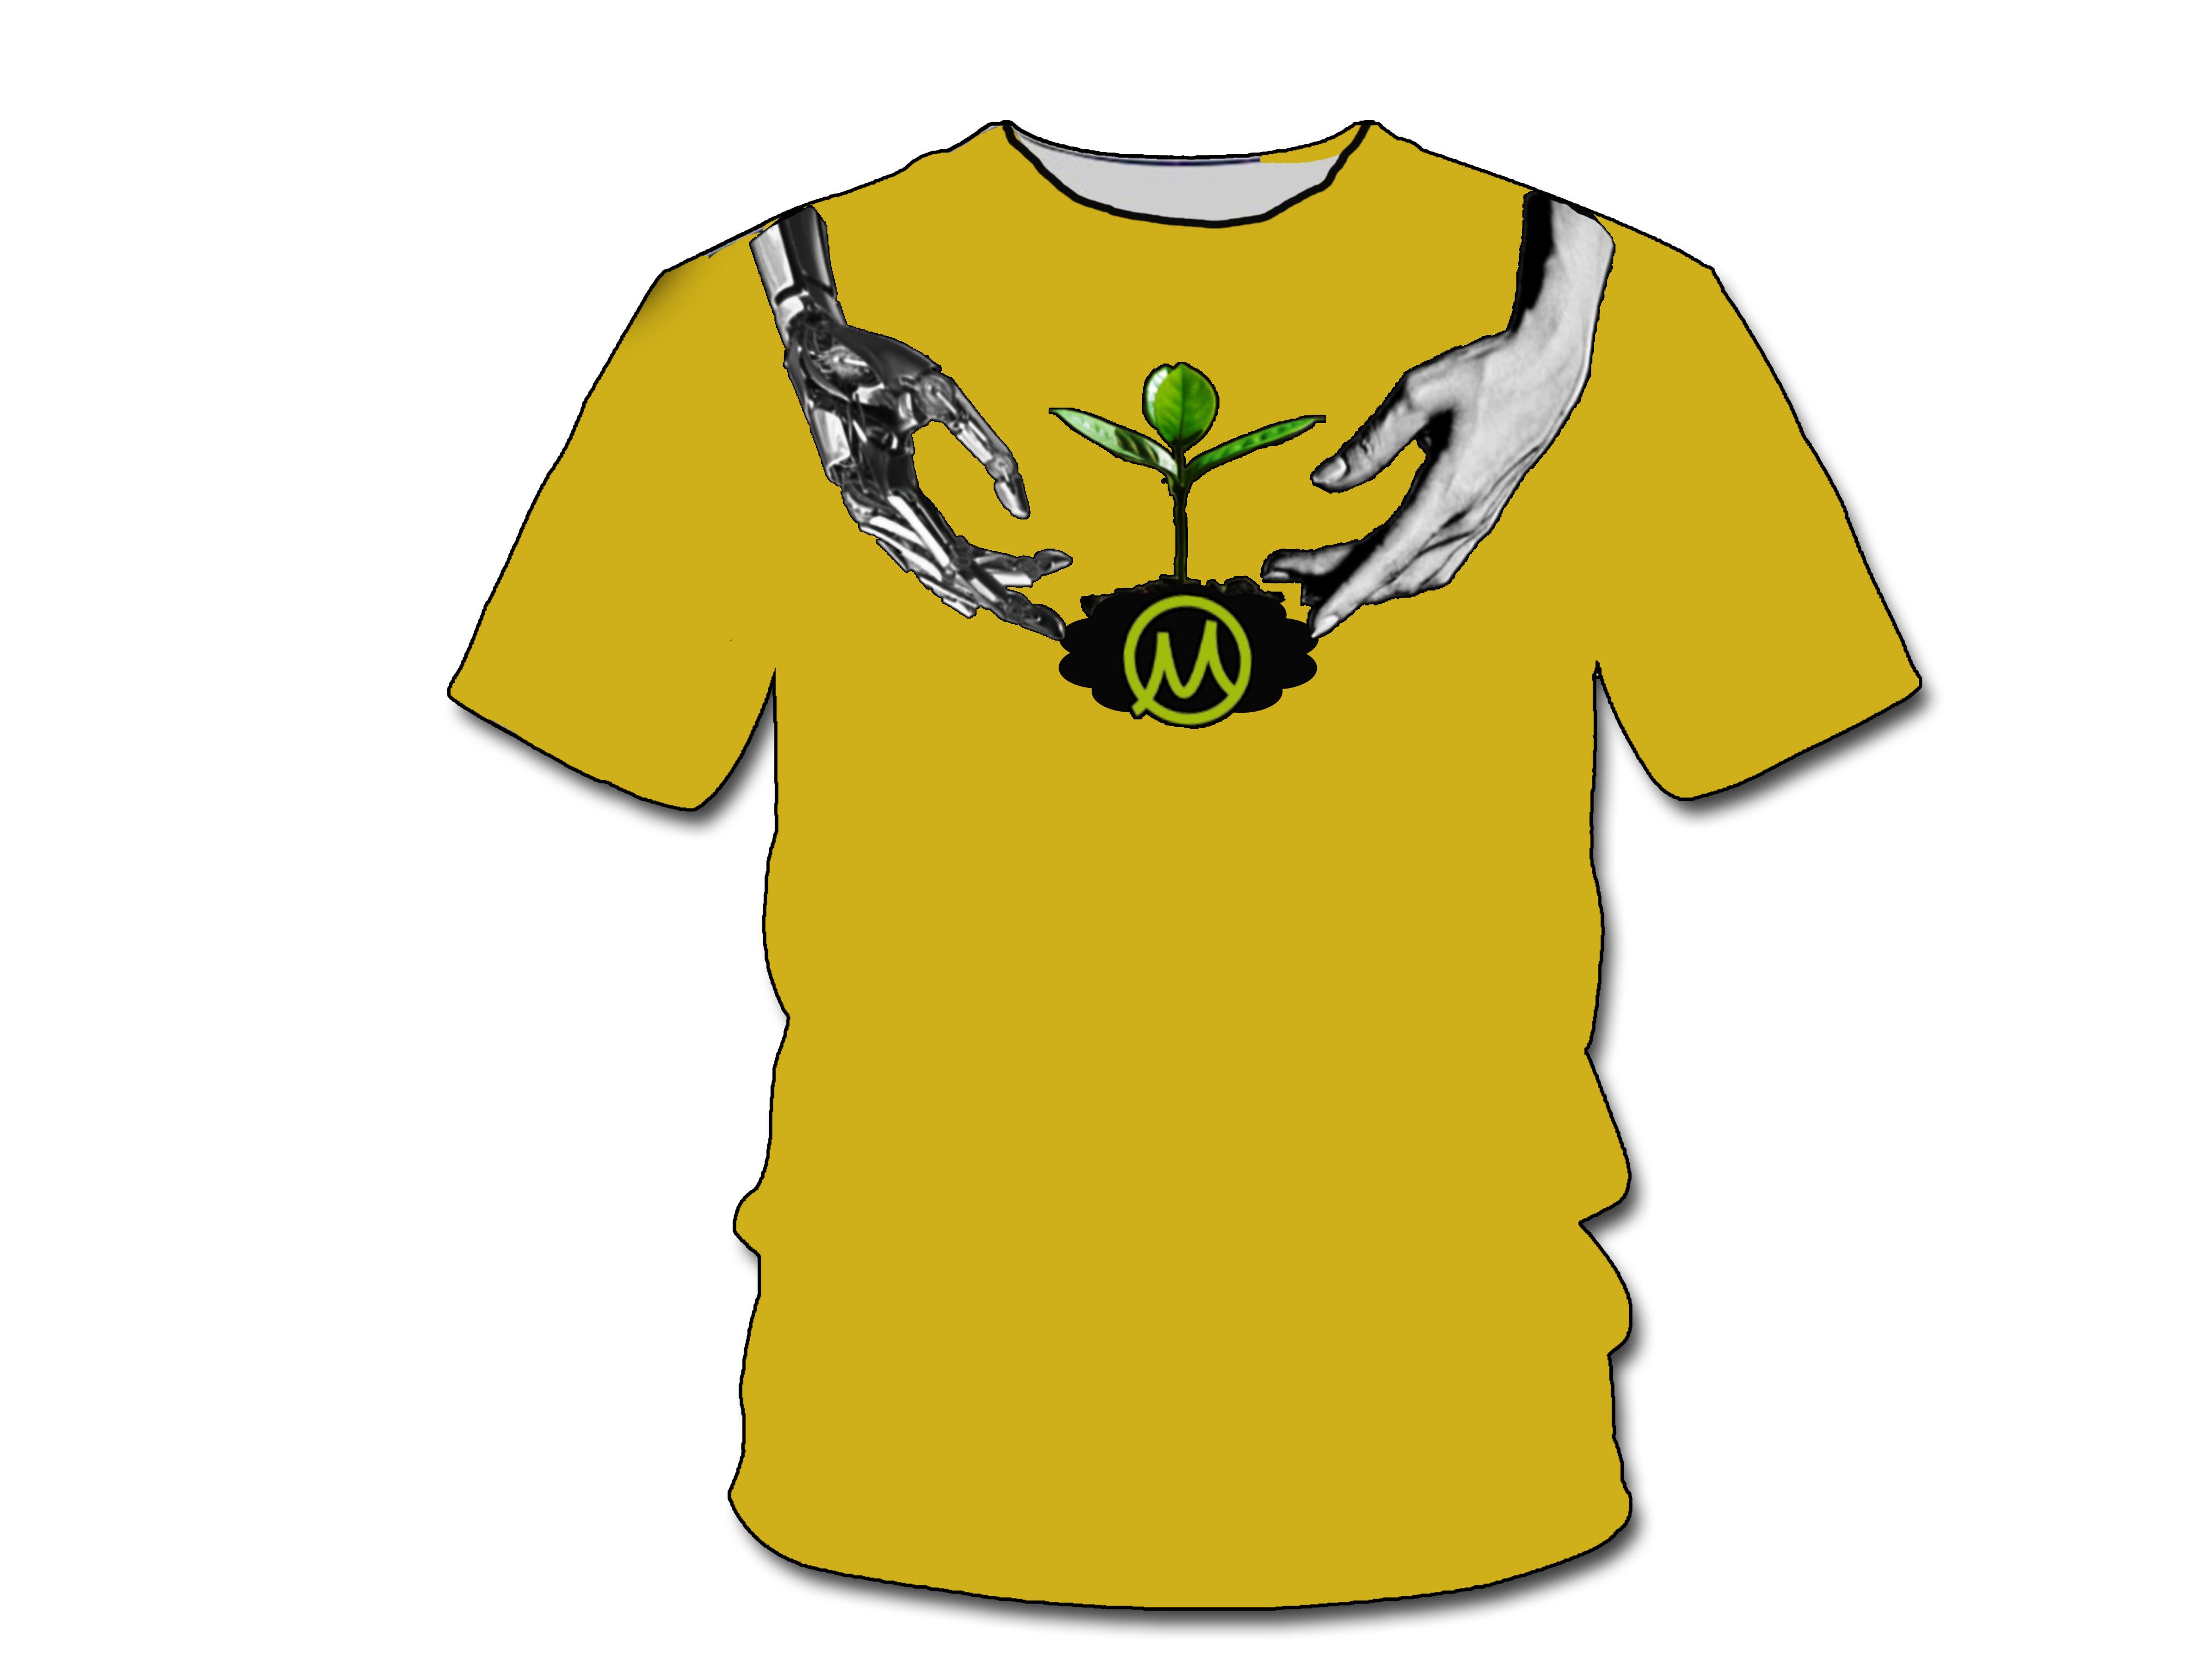 Нарисовать принты на футболки для компании Моторика фото f_31260a536723857a.jpg